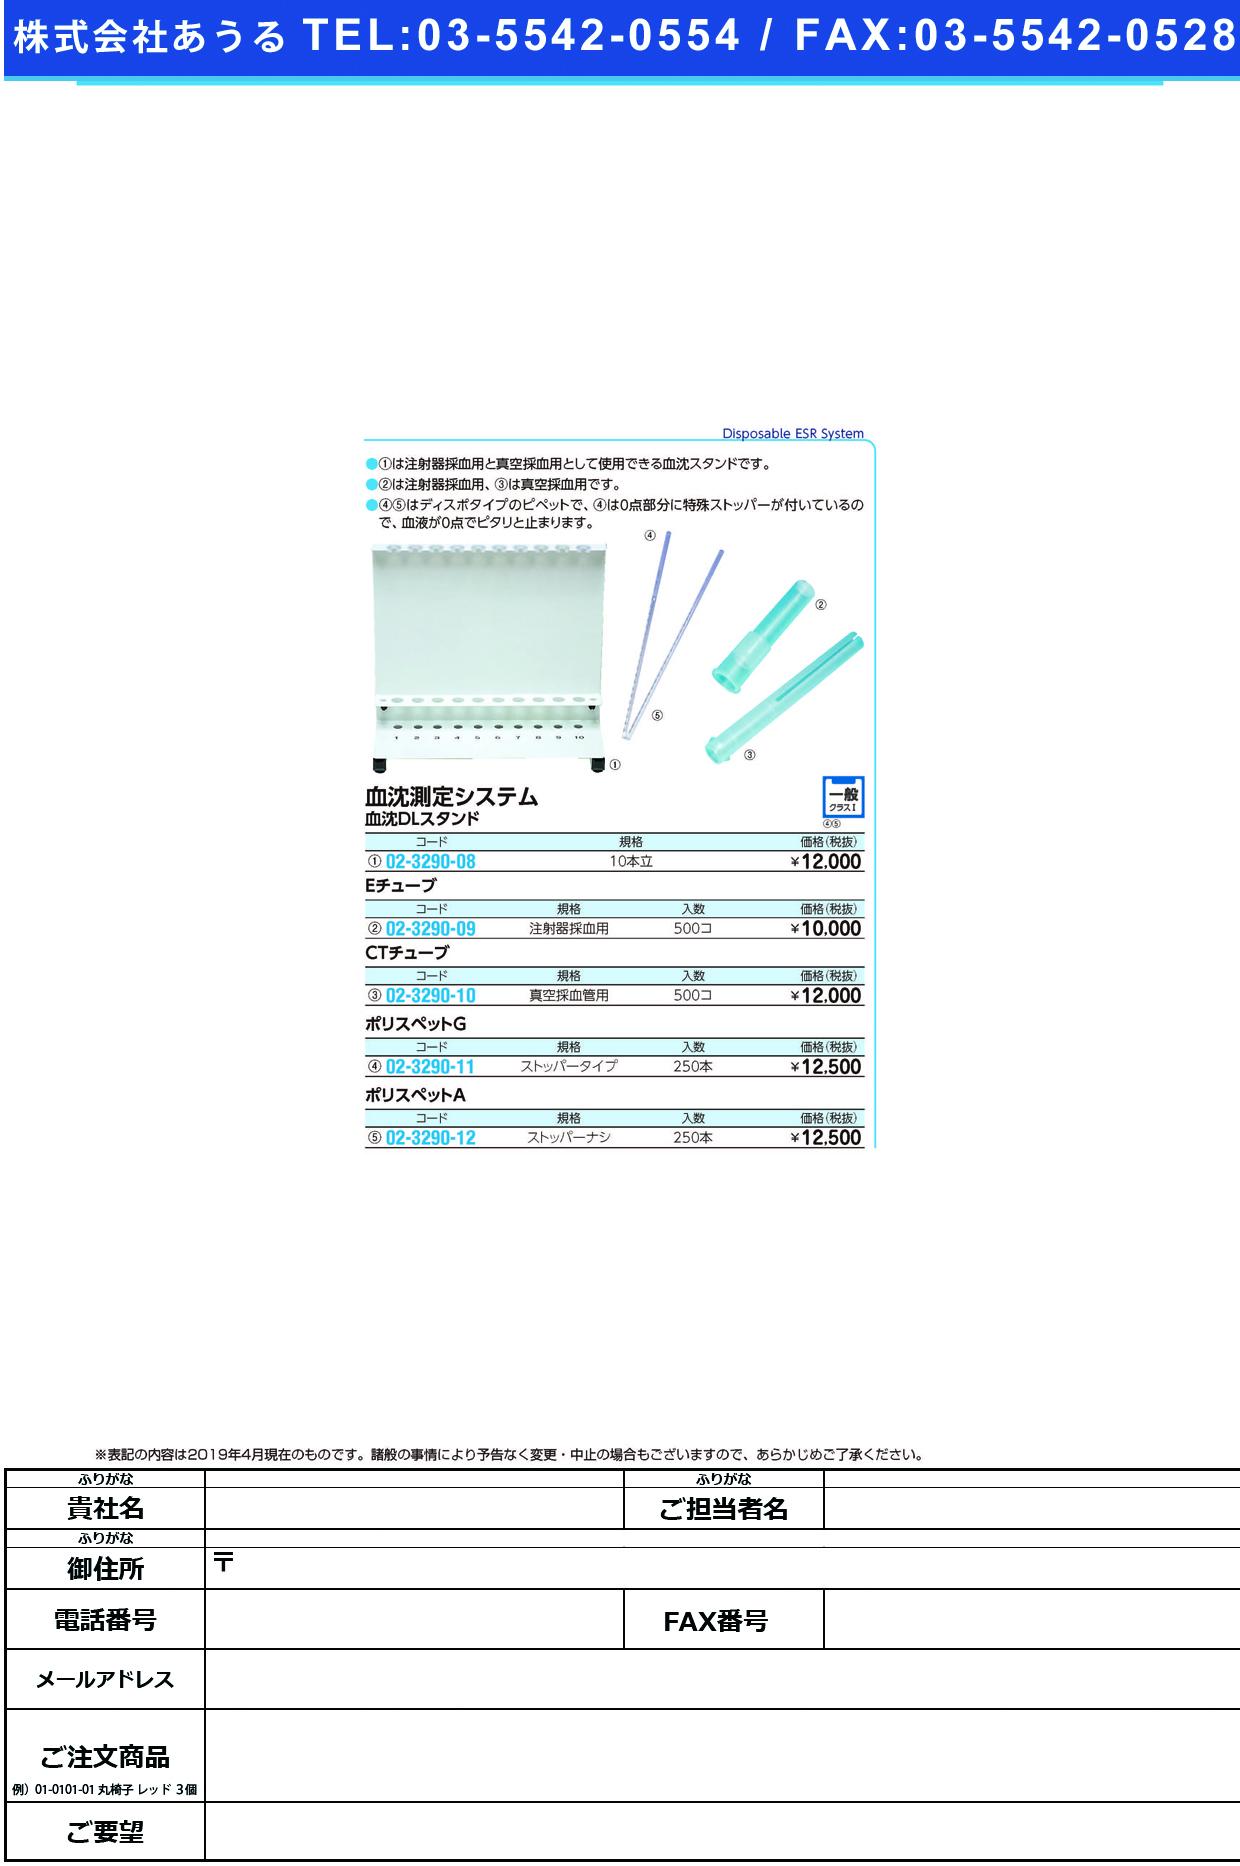 (02-3290-11)ポリスペットG(ストッパータイプ) 1001(GM564)250ホンイリ ポリスペットG(ストッパータイプ【1箱単位】【2019年カタログ商品】